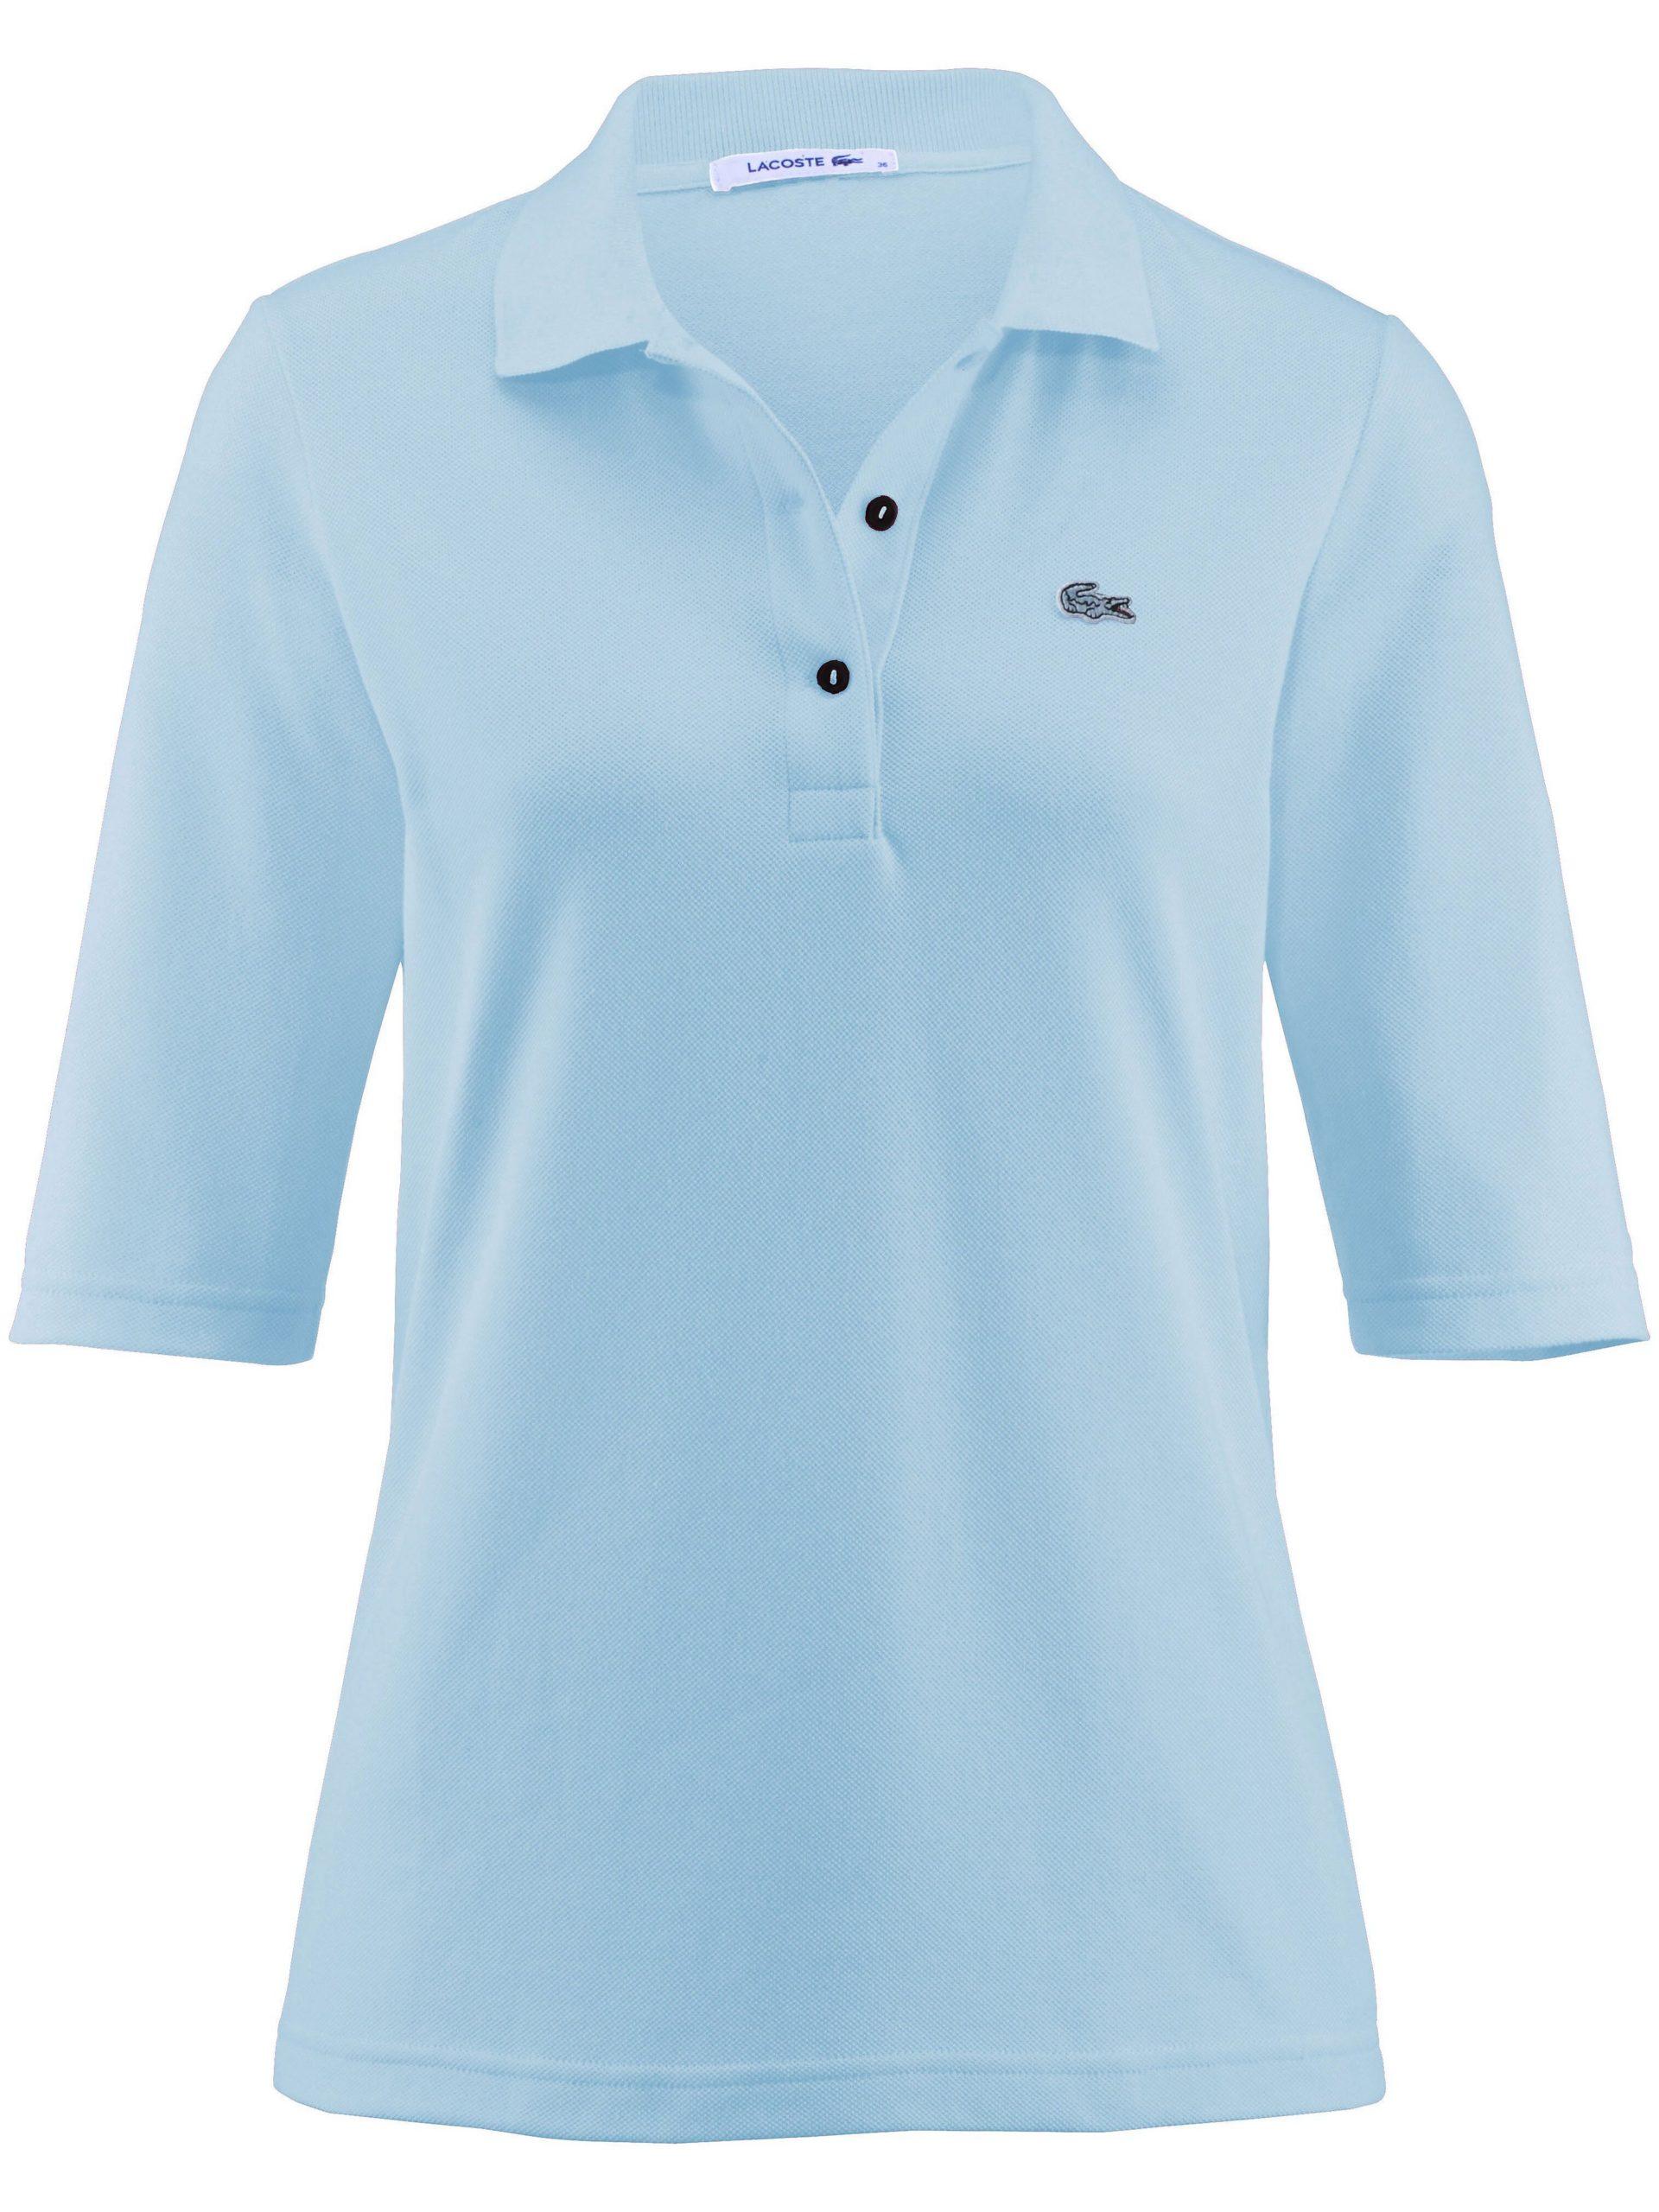 Poloshirt model PF5381 Van Lacoste blauw Kopen